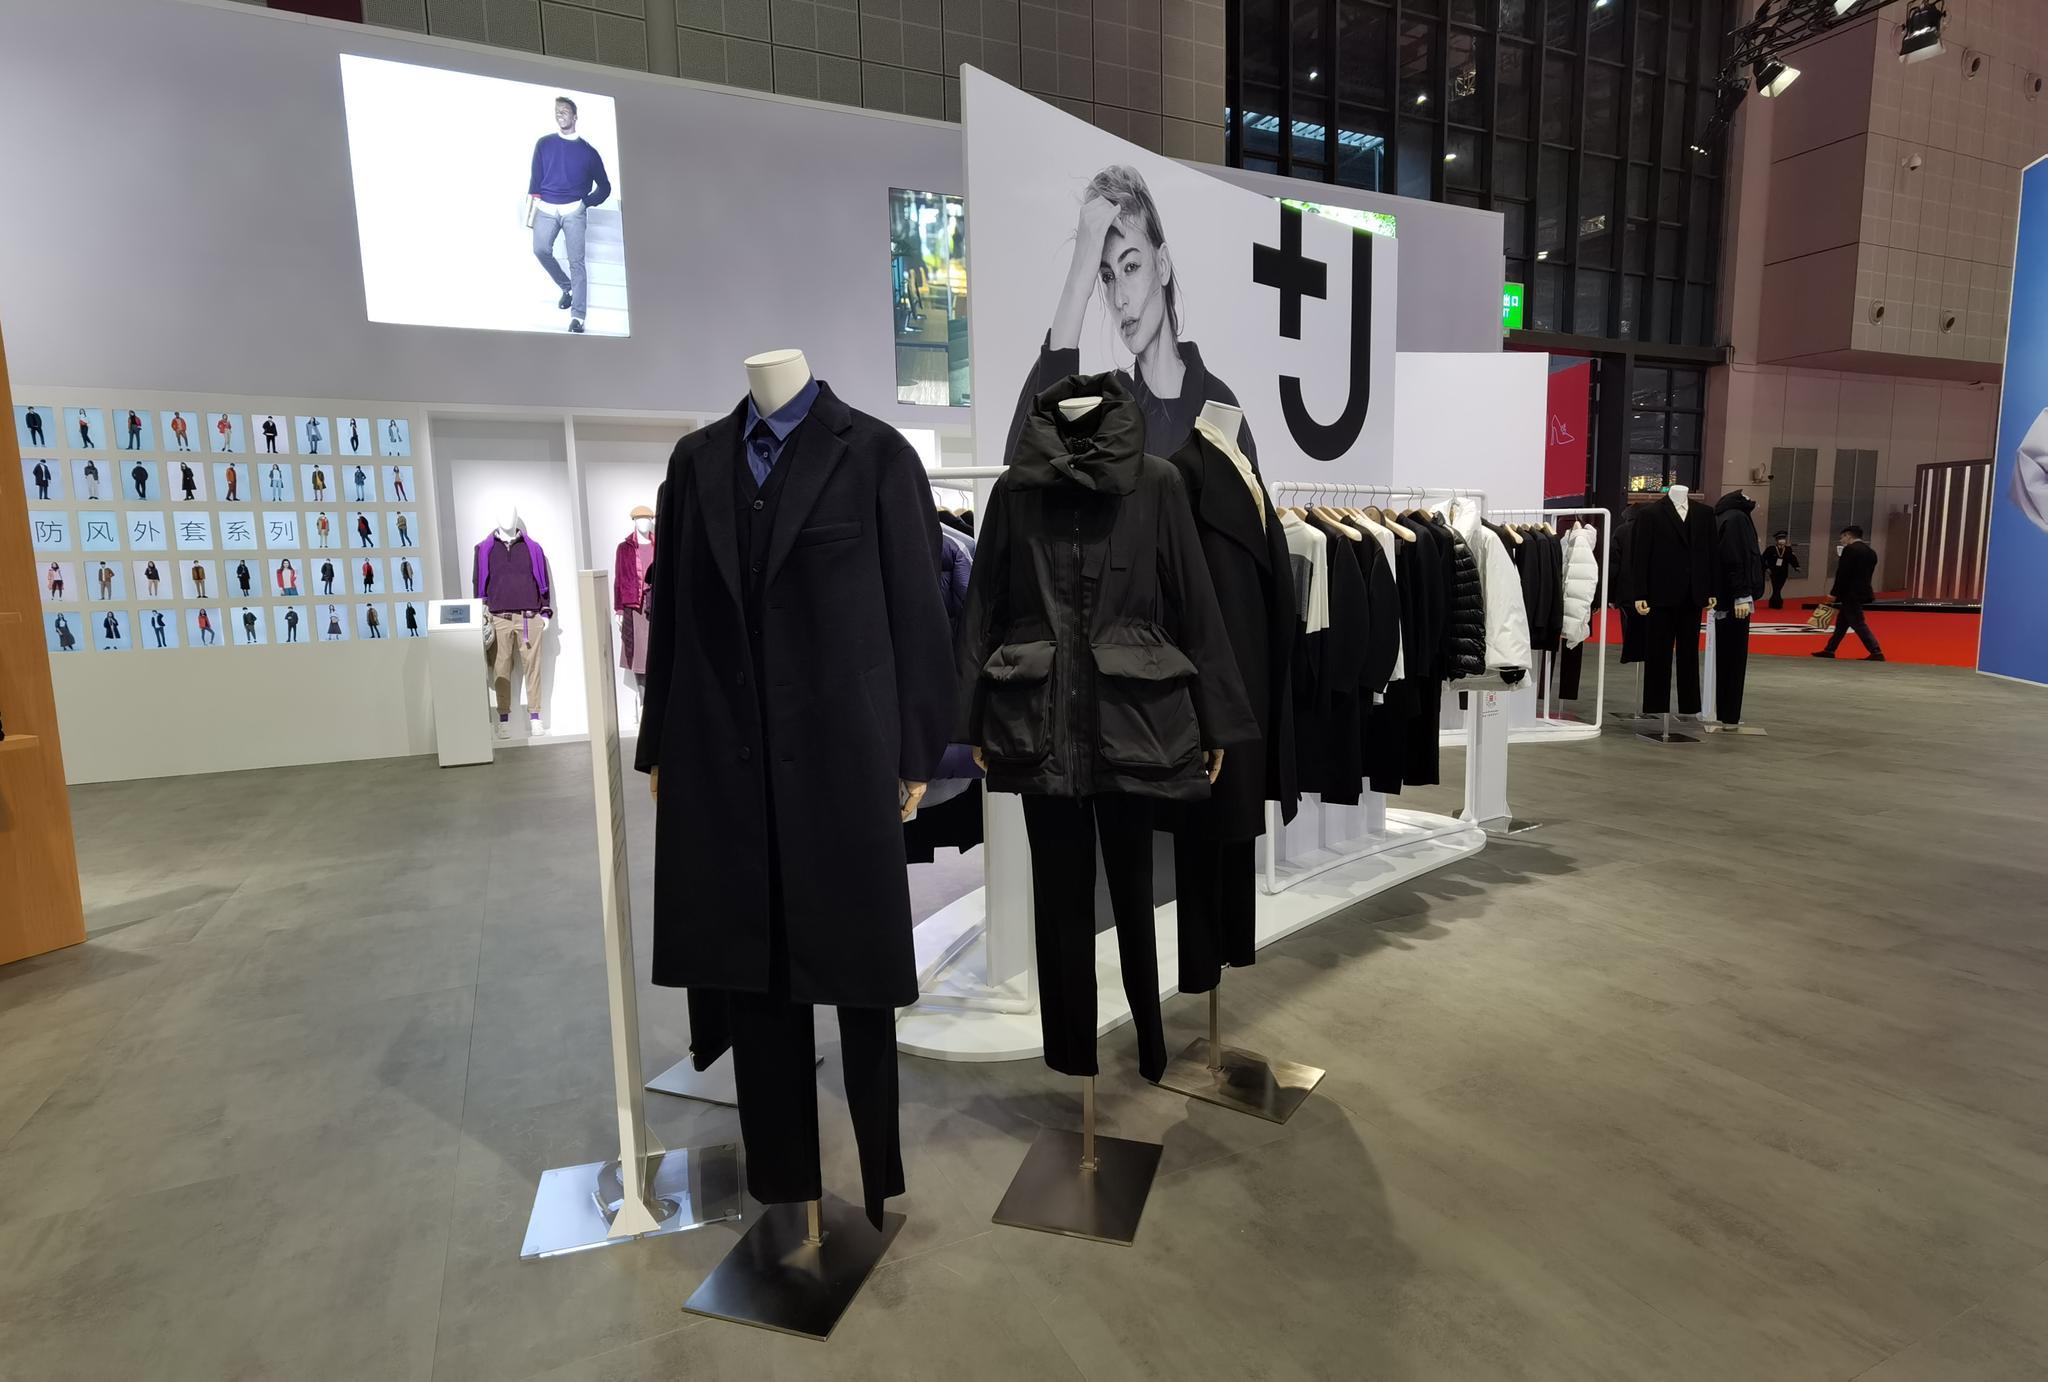 现场一件衣服也不卖,西班牙和日本两大快时尚巨头为何来进博会